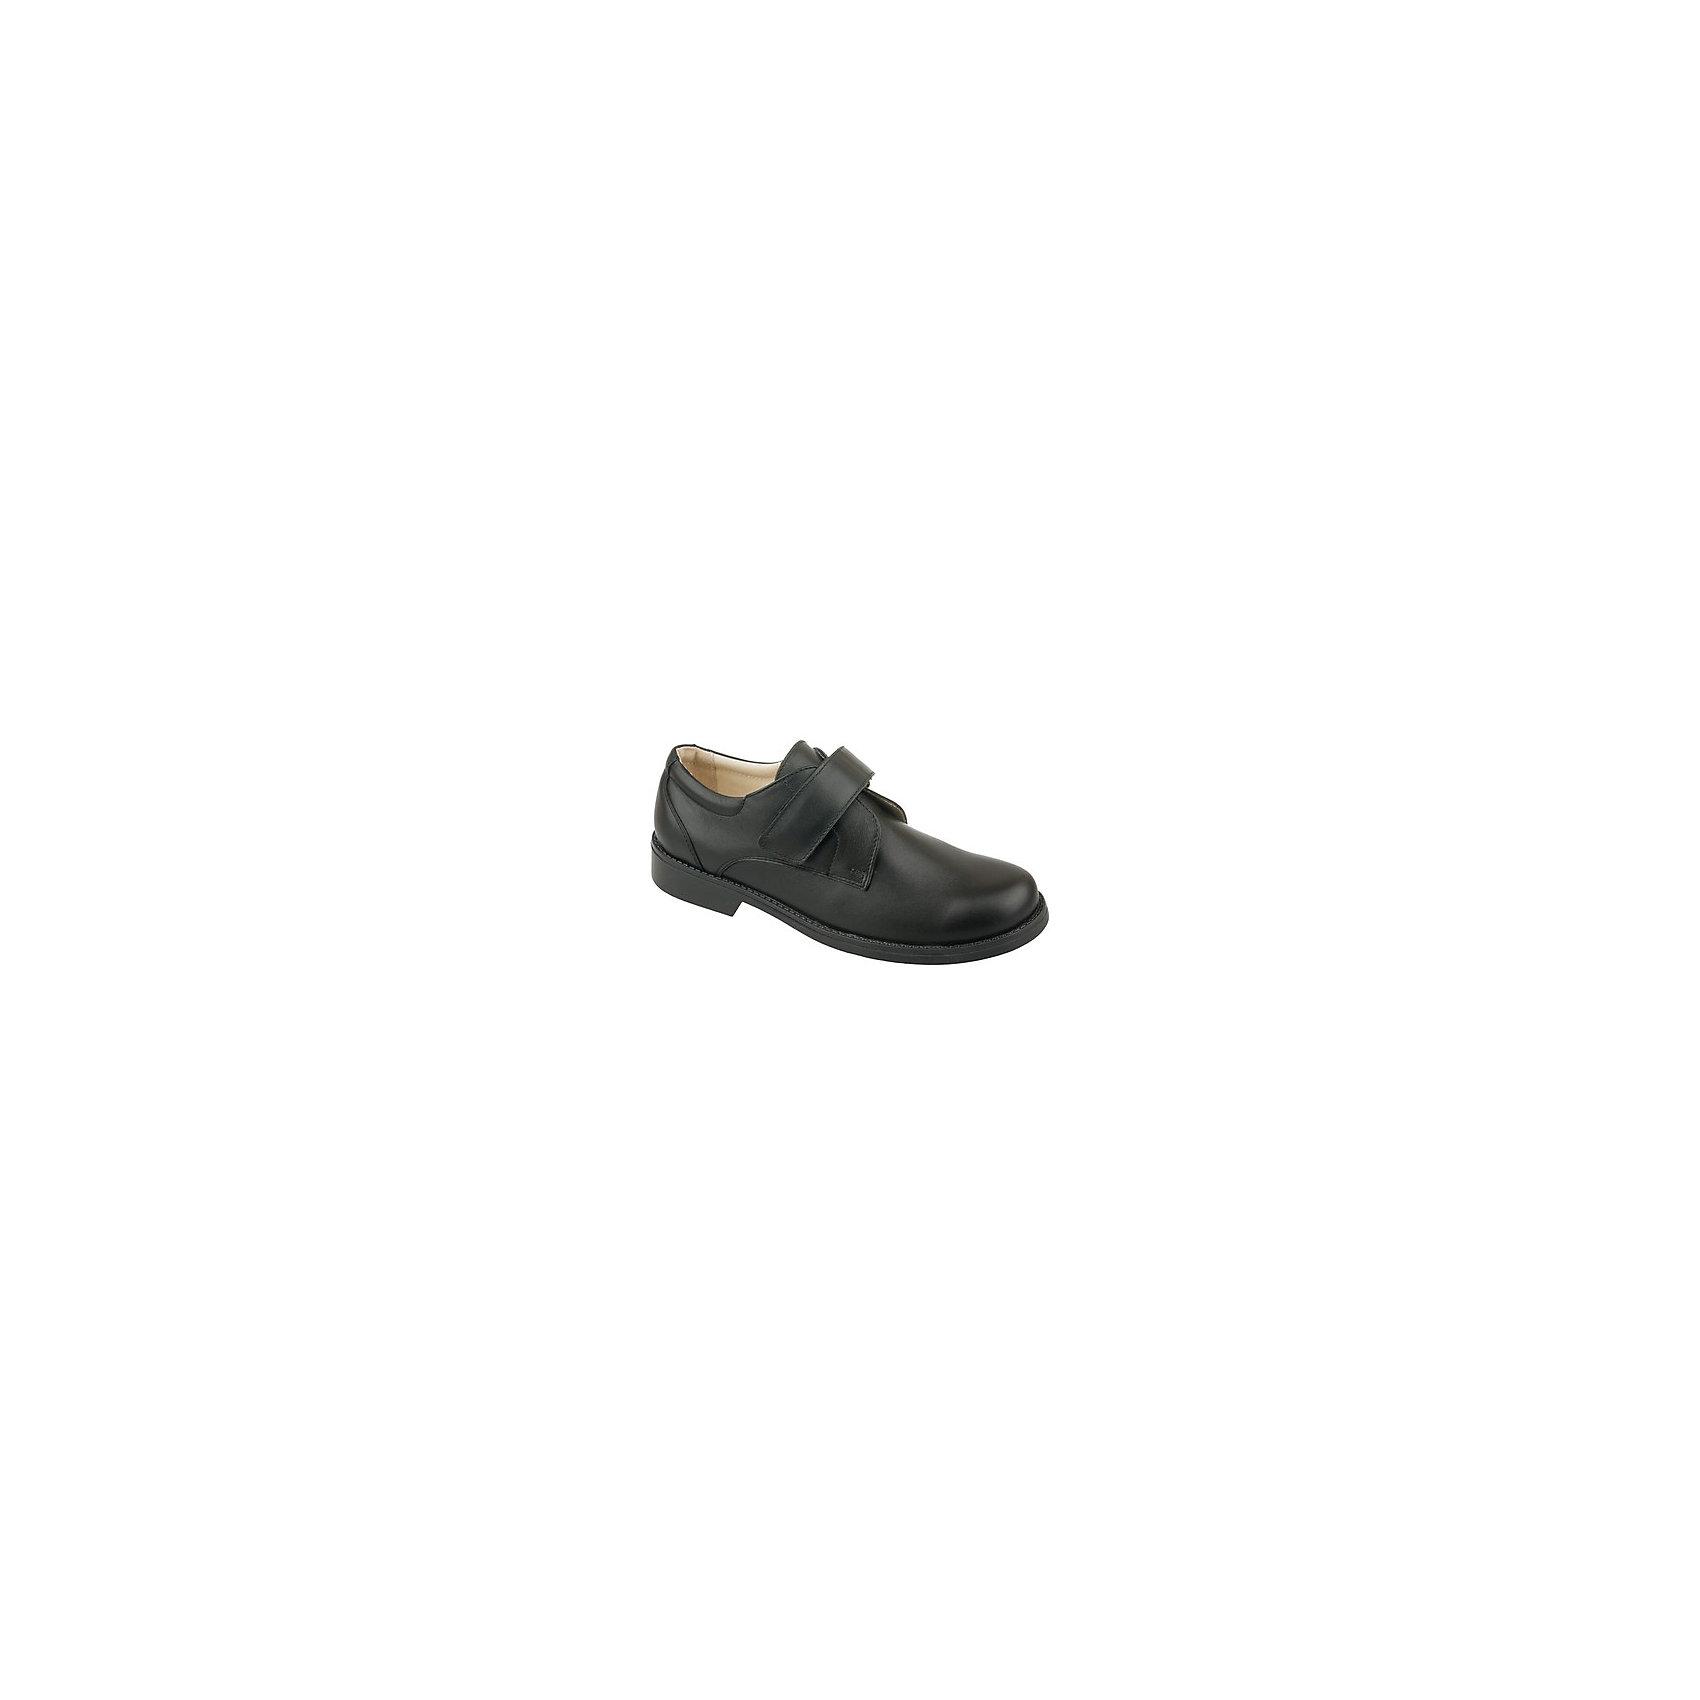 Полуботинки для мальчика ЗебраПолуботинки для мальчика от известного российского бренда детской обуви Зебра.<br>Классические черные полуботинки станут универсальной обувью для школы. Они эффектно смотрятся благодаря модному дизайну и качественному исполнению.<br>Отличительные особенности модели:<br>- цвет черный;<br>- комфортная колодка;<br>- устойчивая износостойкая подошва;<br>- удобные застежки-липучки;<br>- мягкий верхний кант для предотвращения потертостей;<br>- материал подкладки – натуральная кожа.<br>Дополнительная информация:<br>- Температурный режим: от + 5° С  до + 20° С.<br>- Состав:<br>материал верха: искусственная кожа<br>материал подкладки: натуральная кожа<br>подошва: ТПР.<br>Полуботинки для мальчика от бренда Зебра можно купить в нашем магазине.<br><br>Ширина мм: 262<br>Глубина мм: 176<br>Высота мм: 97<br>Вес г: 427<br>Цвет: черный<br>Возраст от месяцев: 156<br>Возраст до месяцев: 192<br>Пол: Мужской<br>Возраст: Детский<br>Размер: 37.5,33,35,34,36,37<br>SKU: 4211266